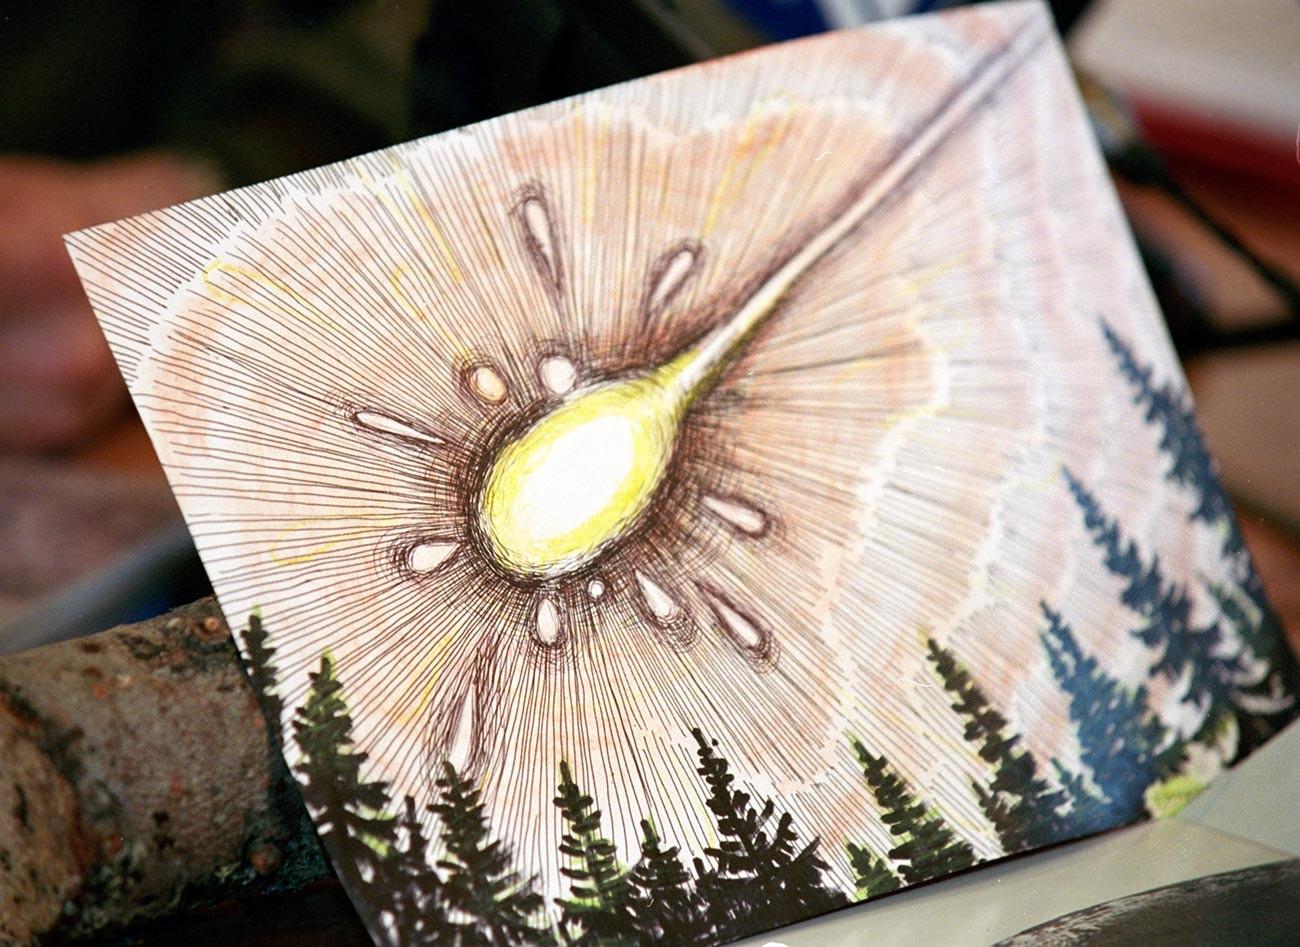 Seperti inilah gambaran jatuhnya meteorit Vitim. Ilustrasi karya Vadim Chernobrov.